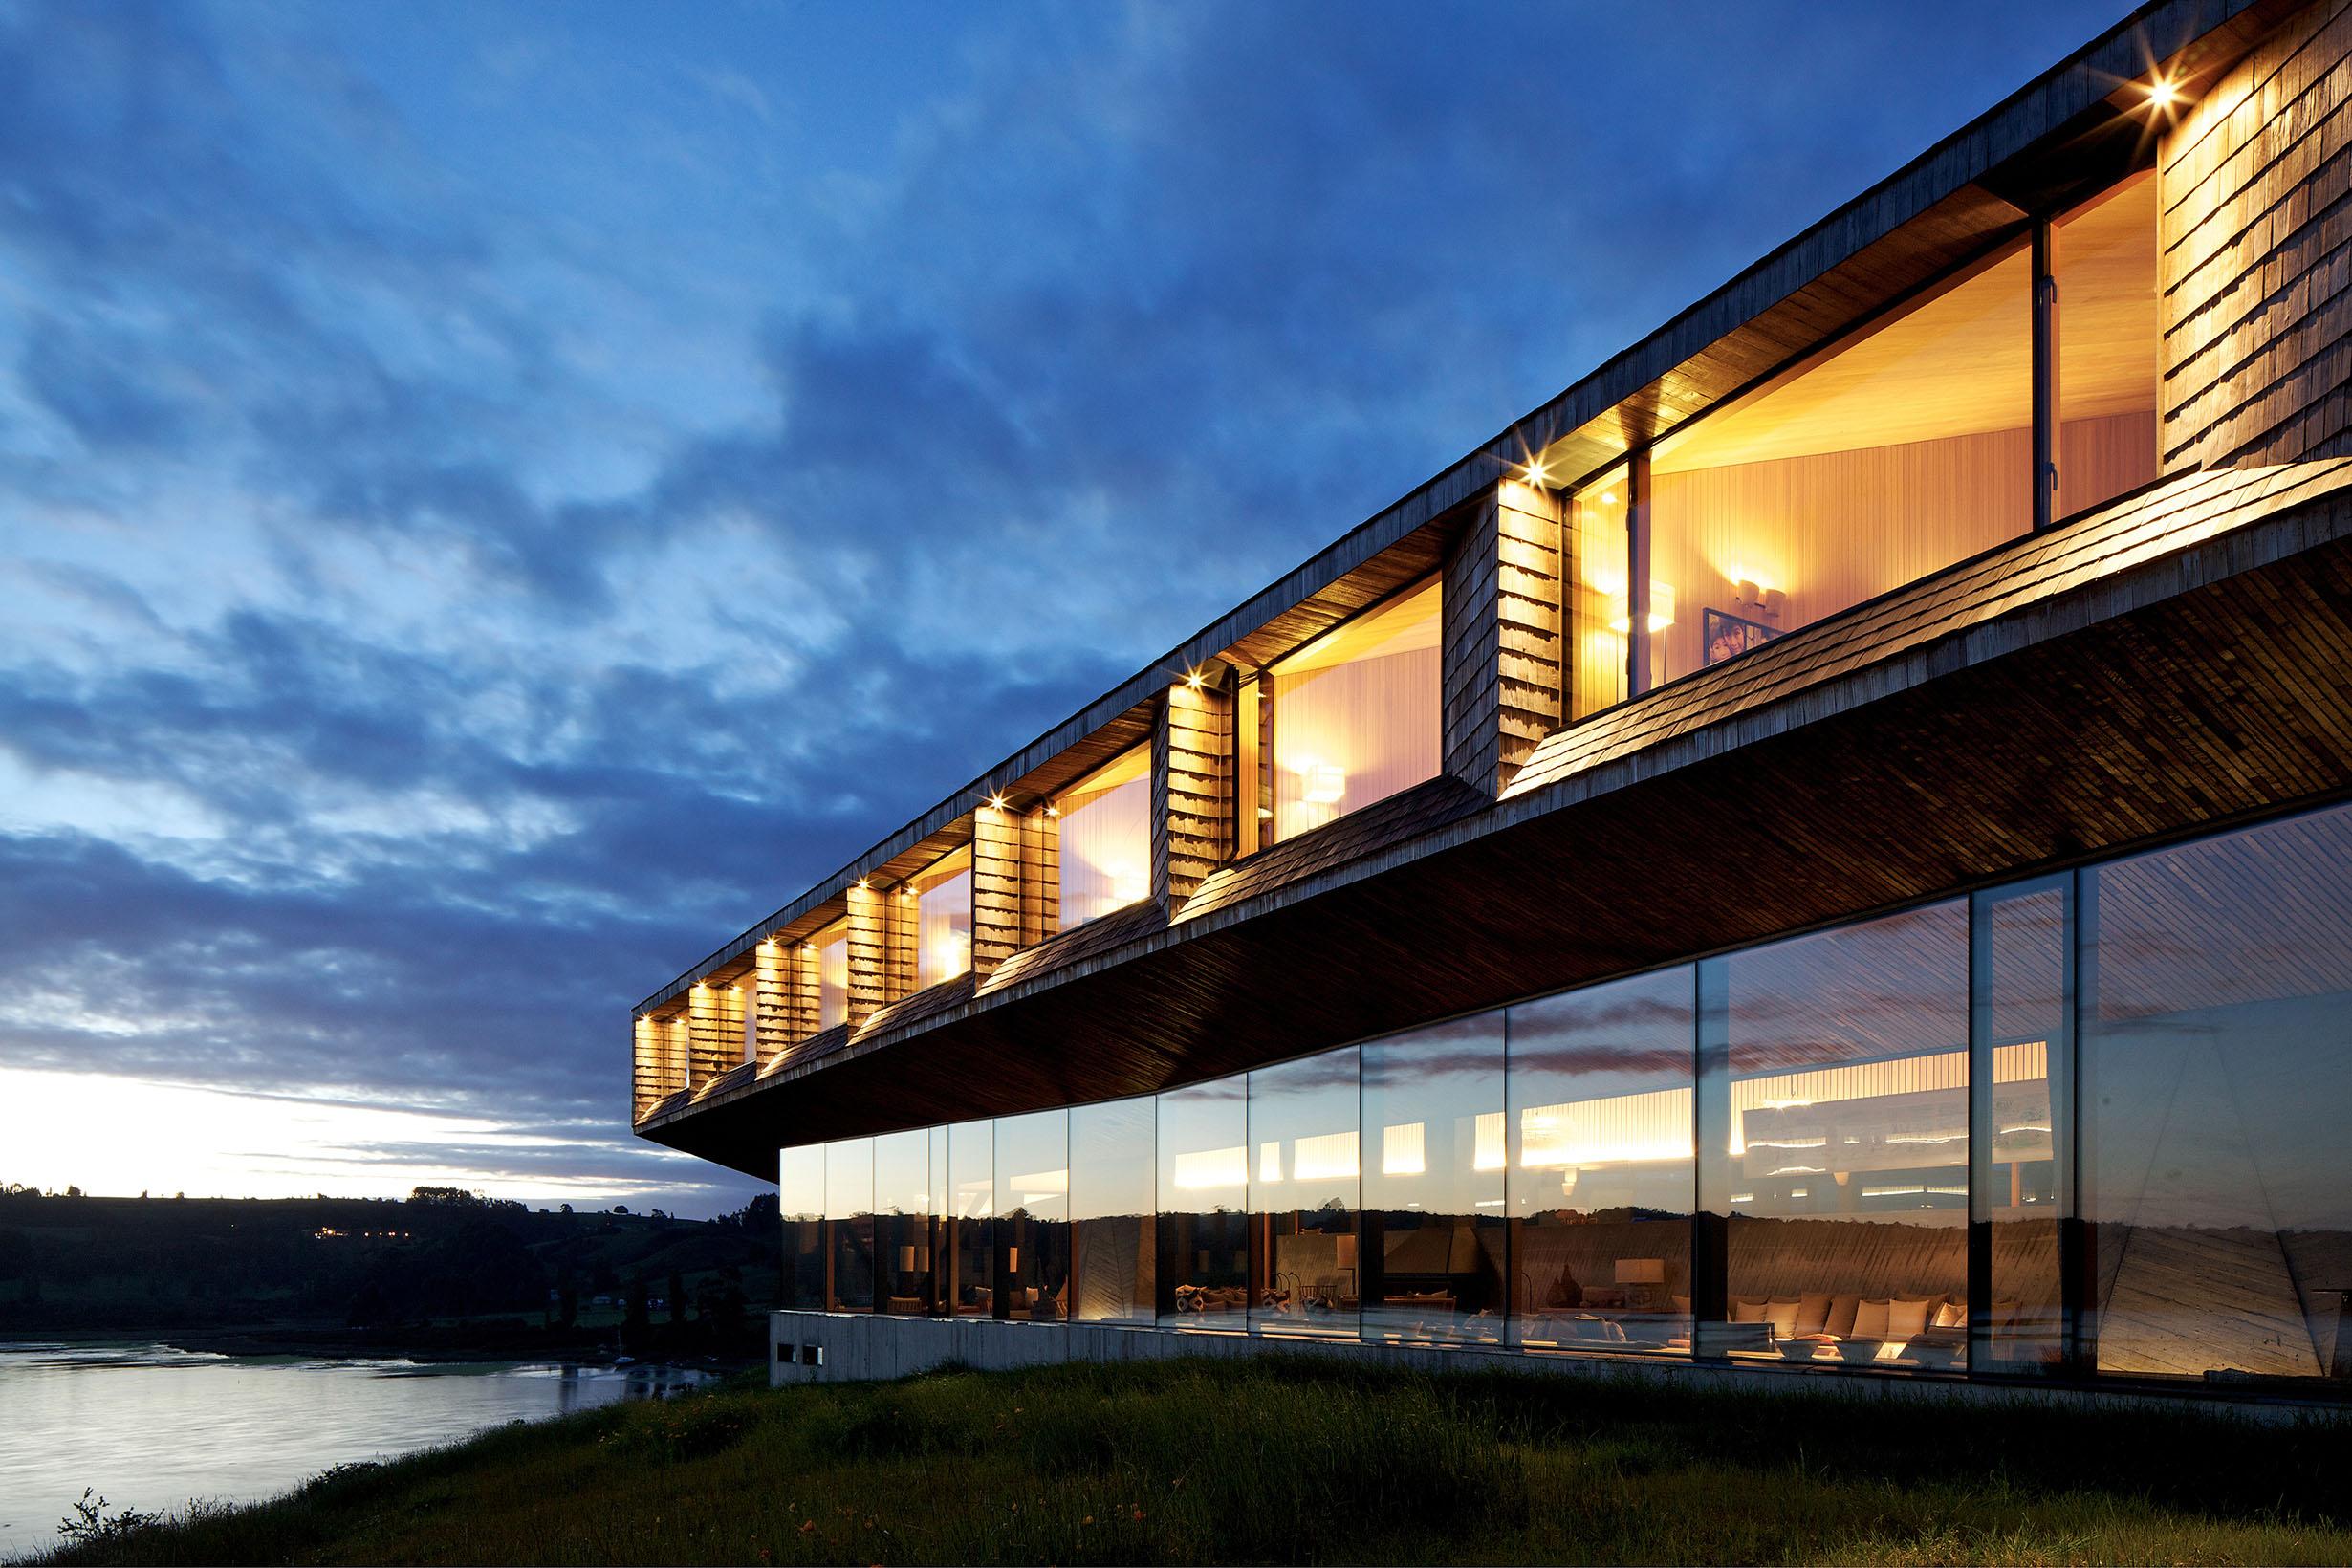 العمارة الخارجیة للفنادق